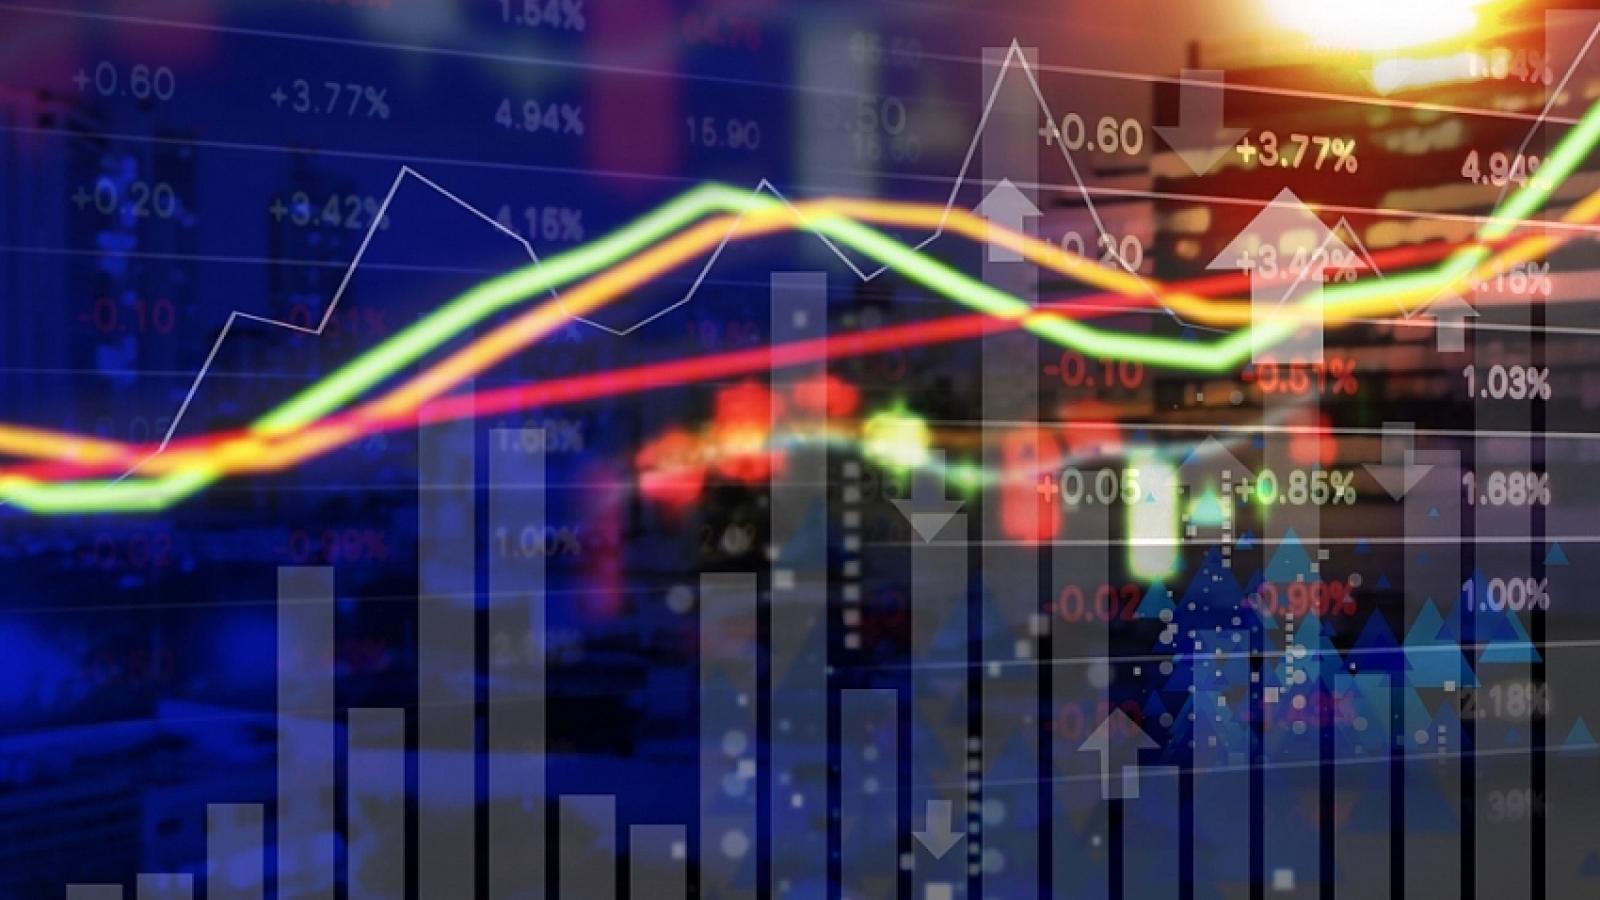 Thị trường chứng khoán có thể tiếp tục rung lắc trước áp lực mua - bán giằng co